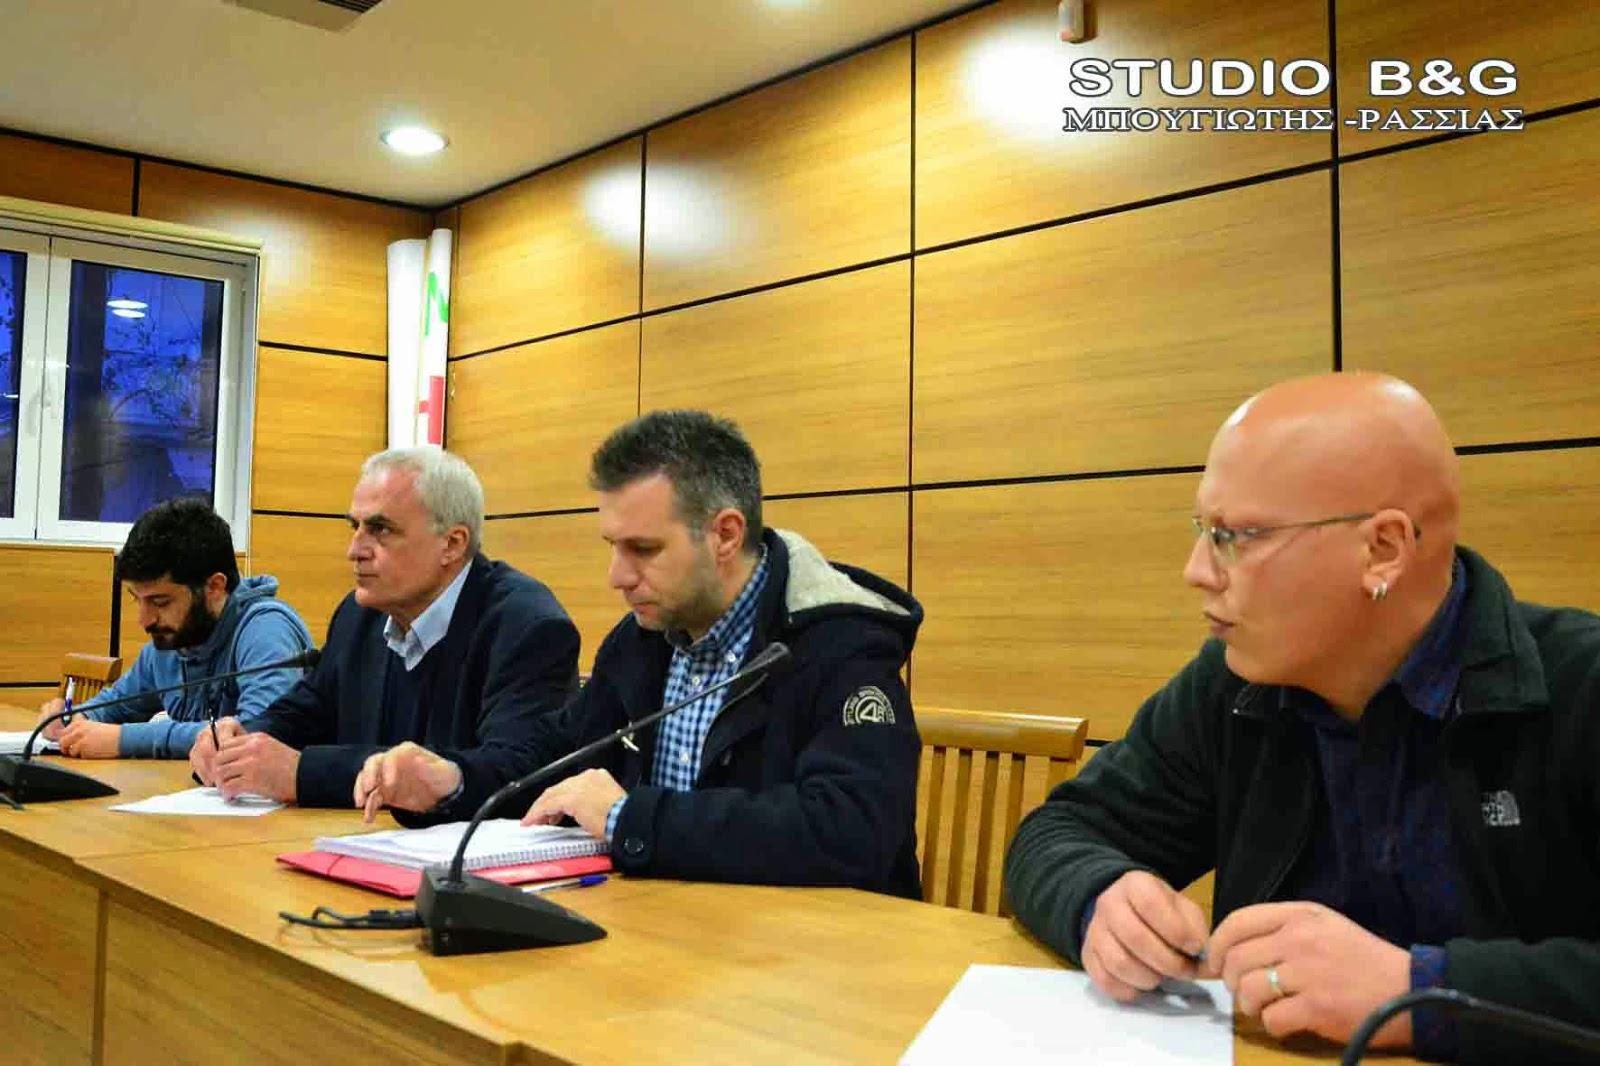 Συνάντηση  ΣΥΡΙΖΑ Αργολίδας και ΑΥΡΑ με τον Μητροπολίτη Αργολίδας Νεκτάριο.